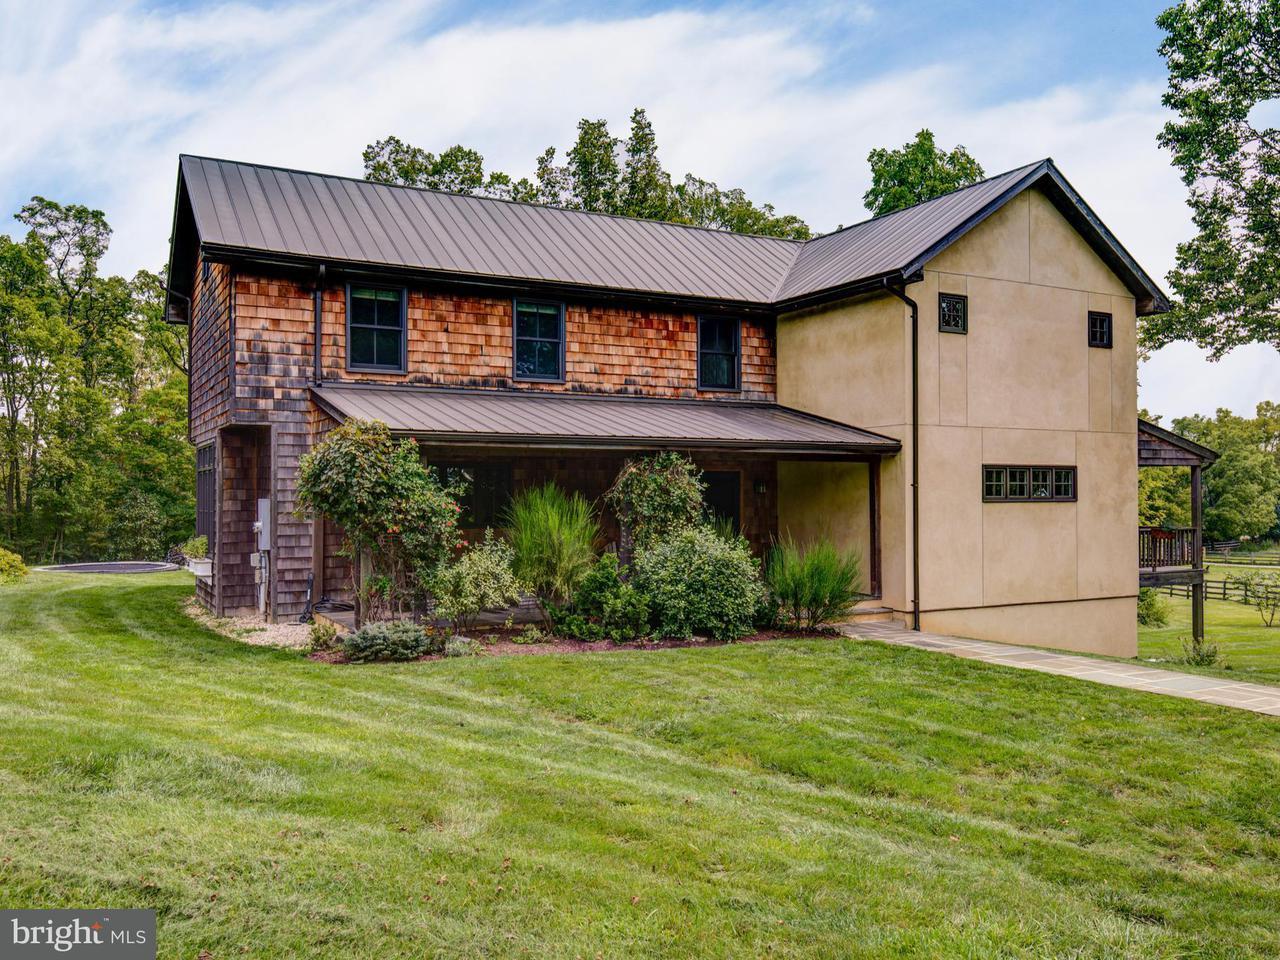 独户住宅 为 销售 在 162 GREENFIELDS Lane 162 GREENFIELDS Lane White Post, 弗吉尼亚州 22663 美国